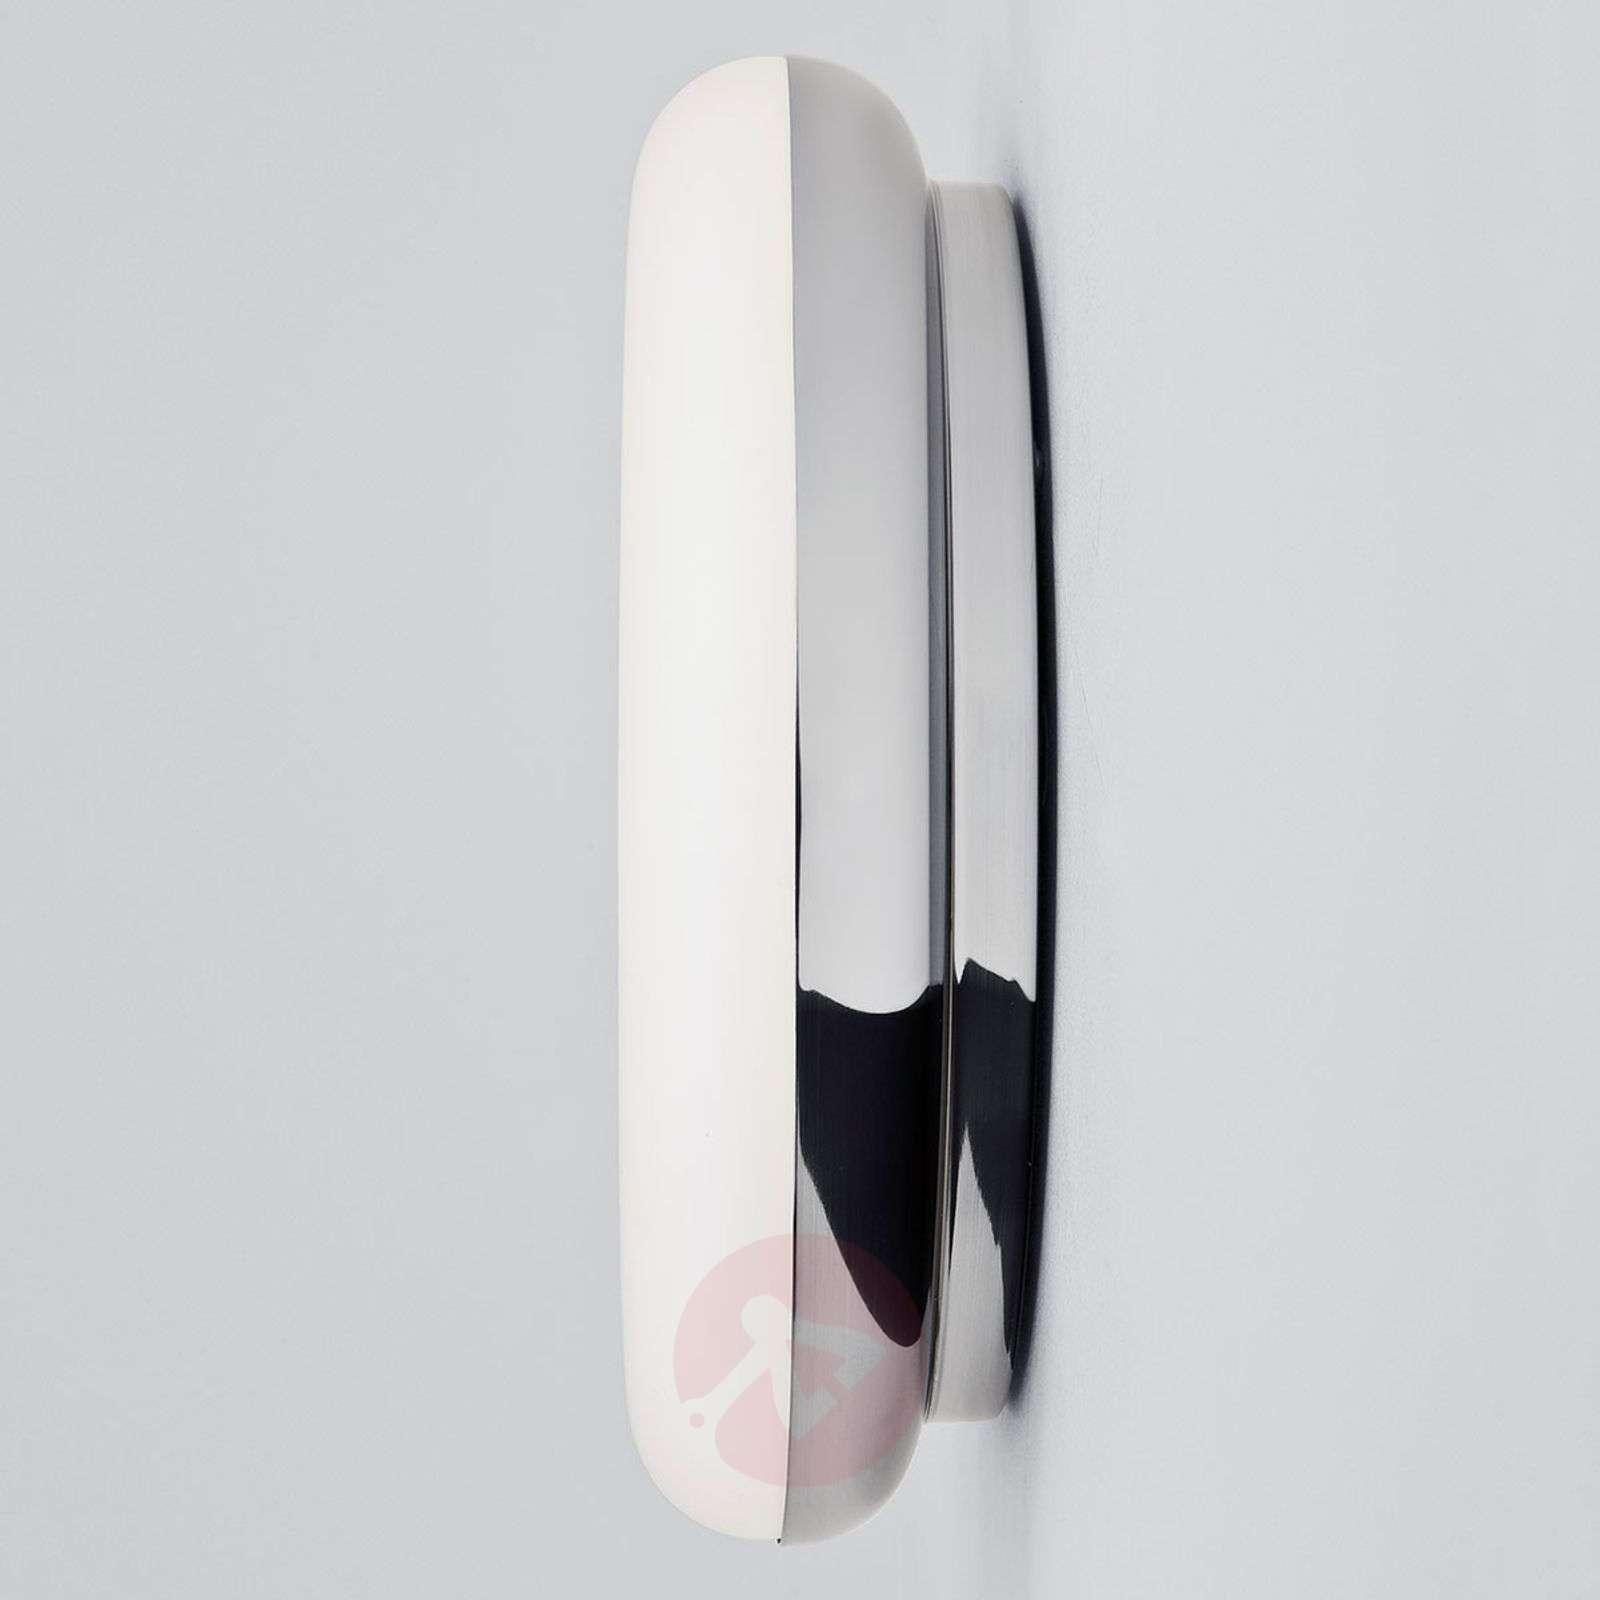 Astro Altea – kattovalaisin, lasivarjostin Ø 30cm-1020081-02